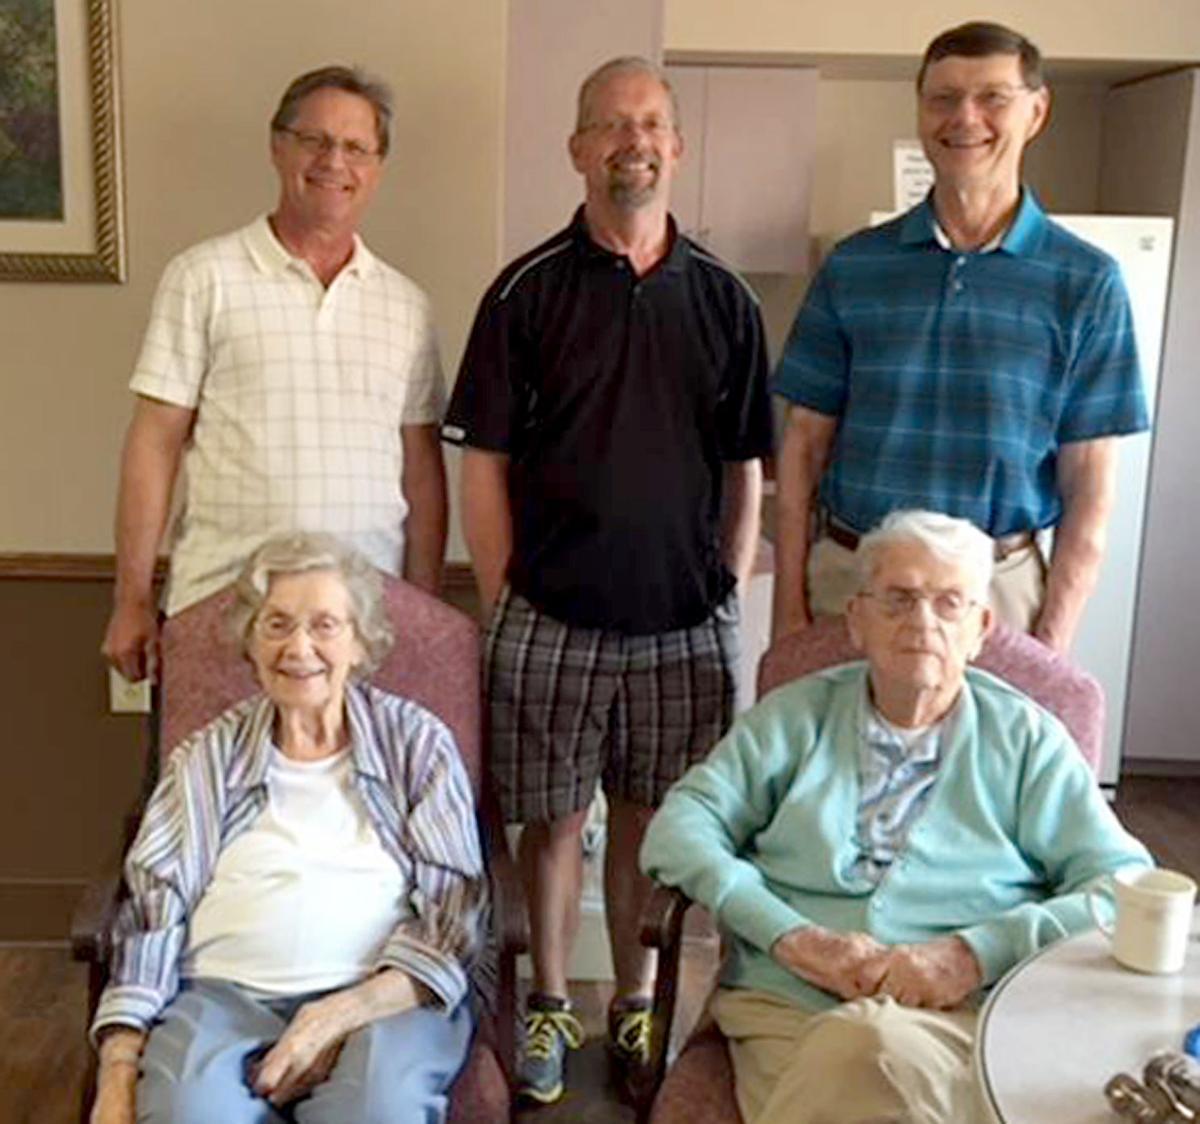 wintersteen family